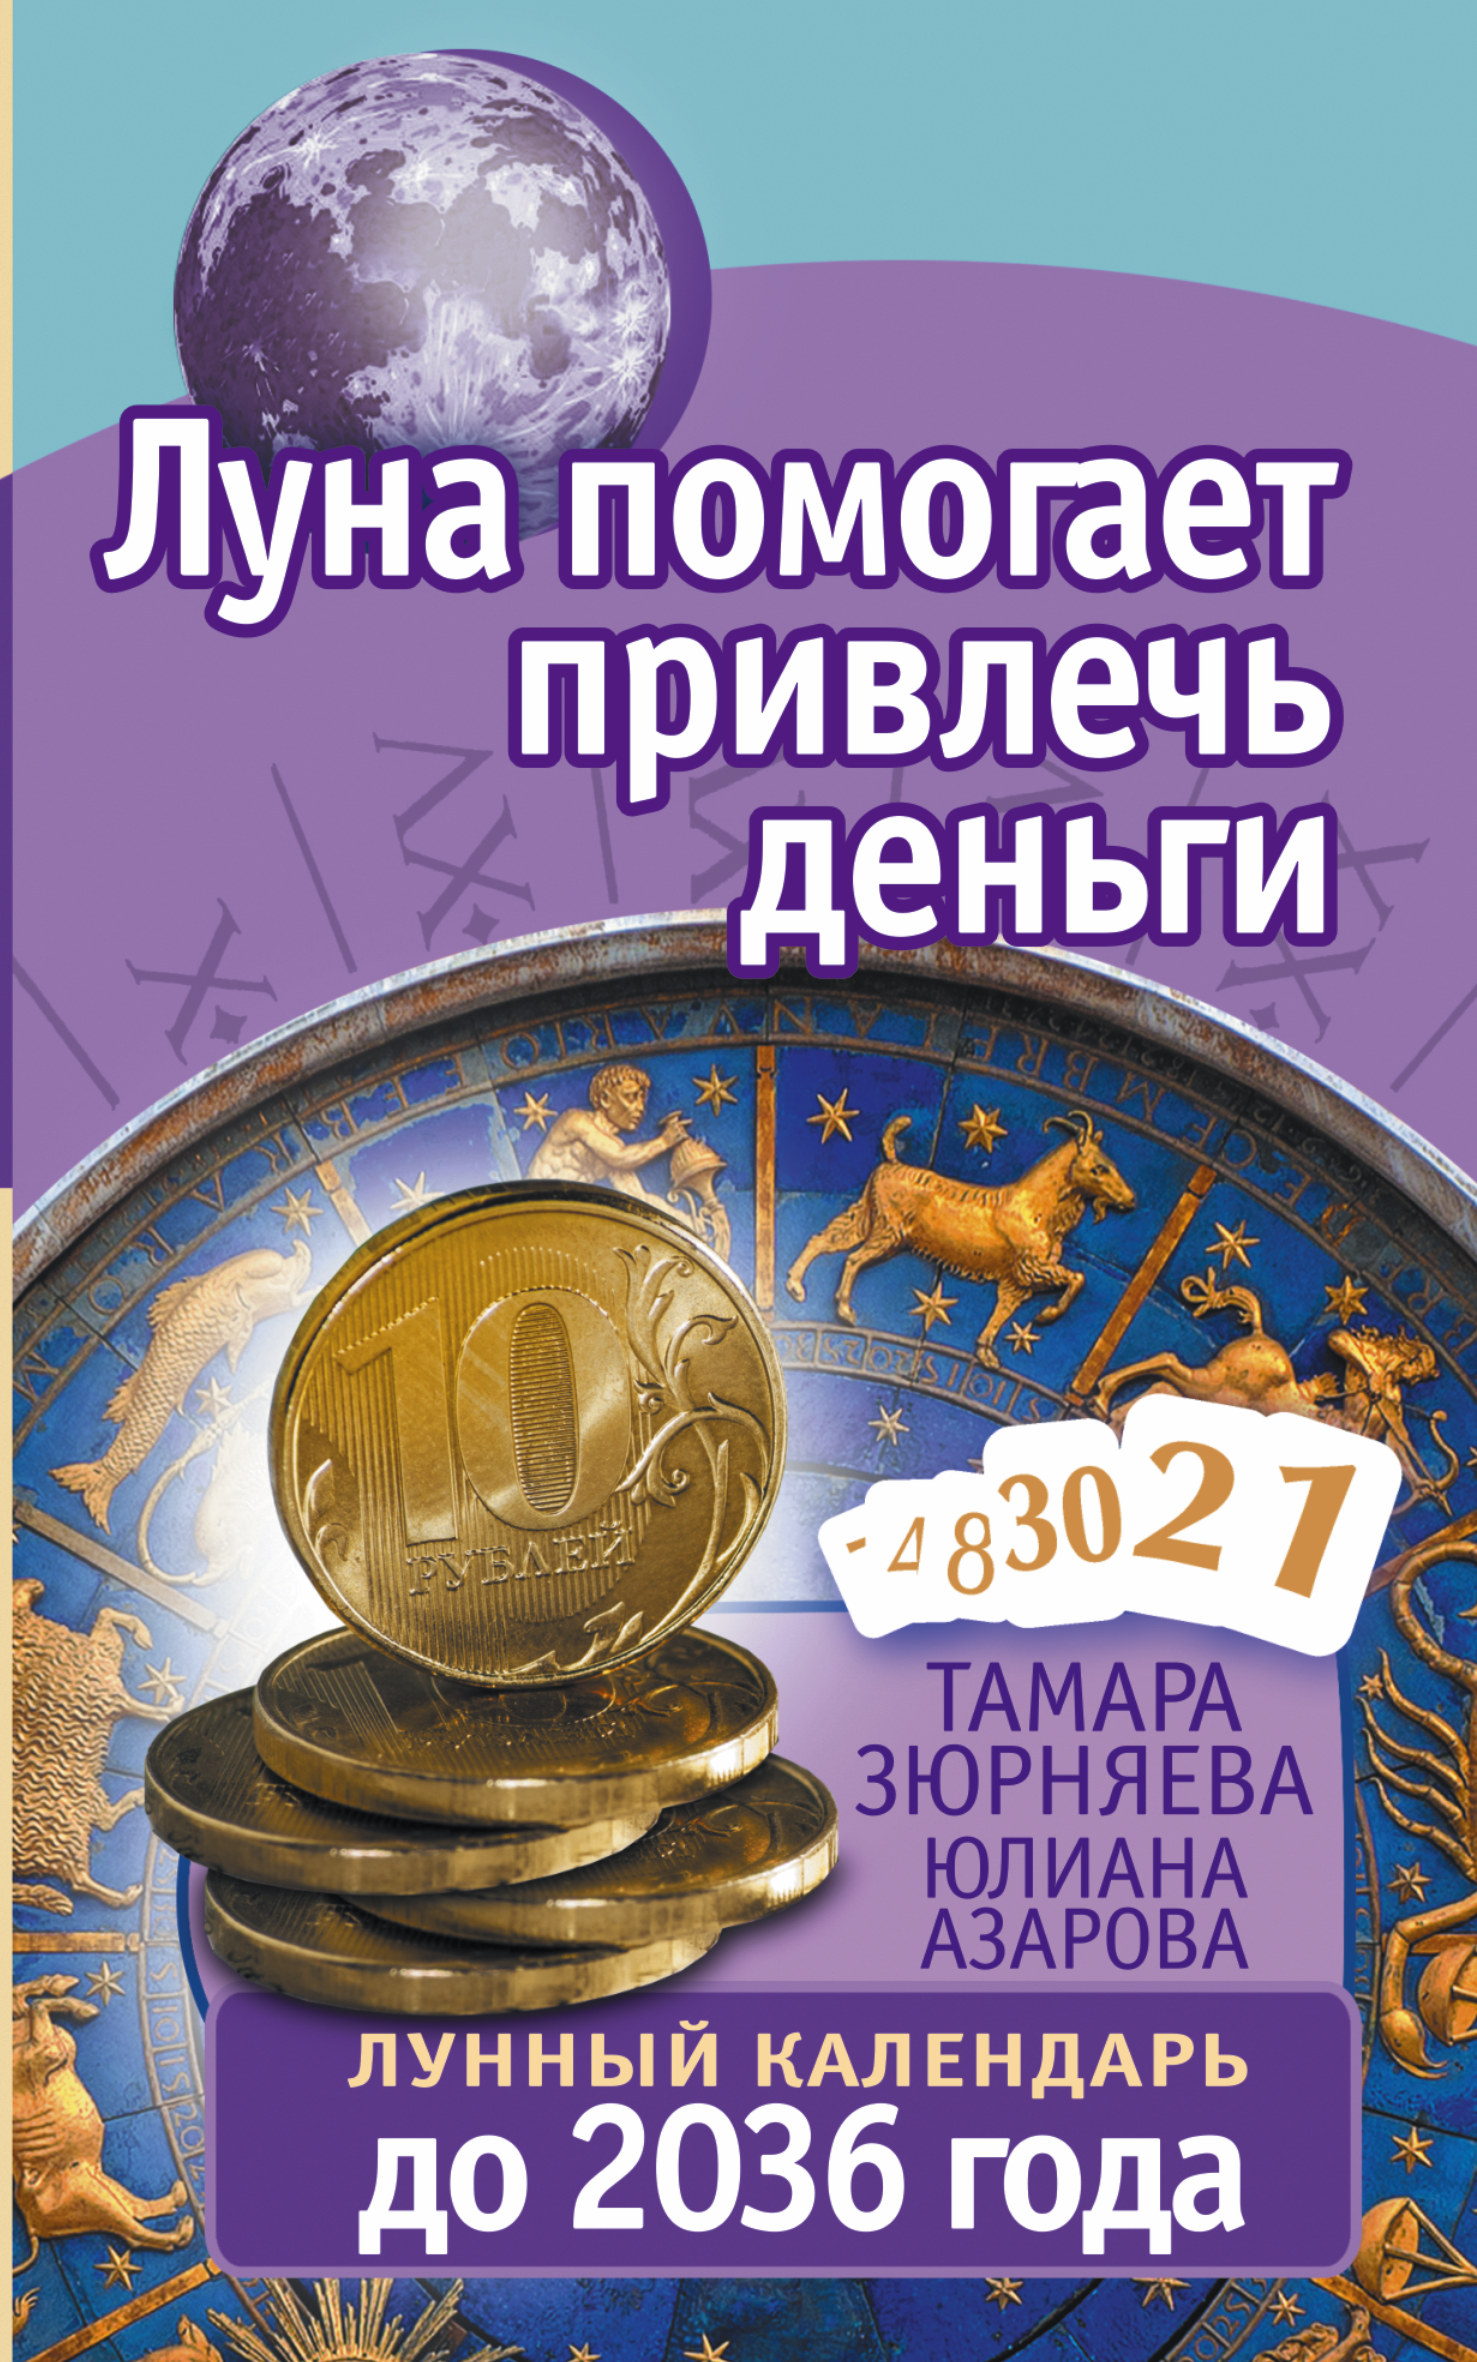 Тамара Зюрняева, Юлиана Азарова Луна помогает привлечь деньги. Лунный календарь до 2036 года зюрняева т азарова ю луна помогает привлечь деньги лунный календарь на 20 лет